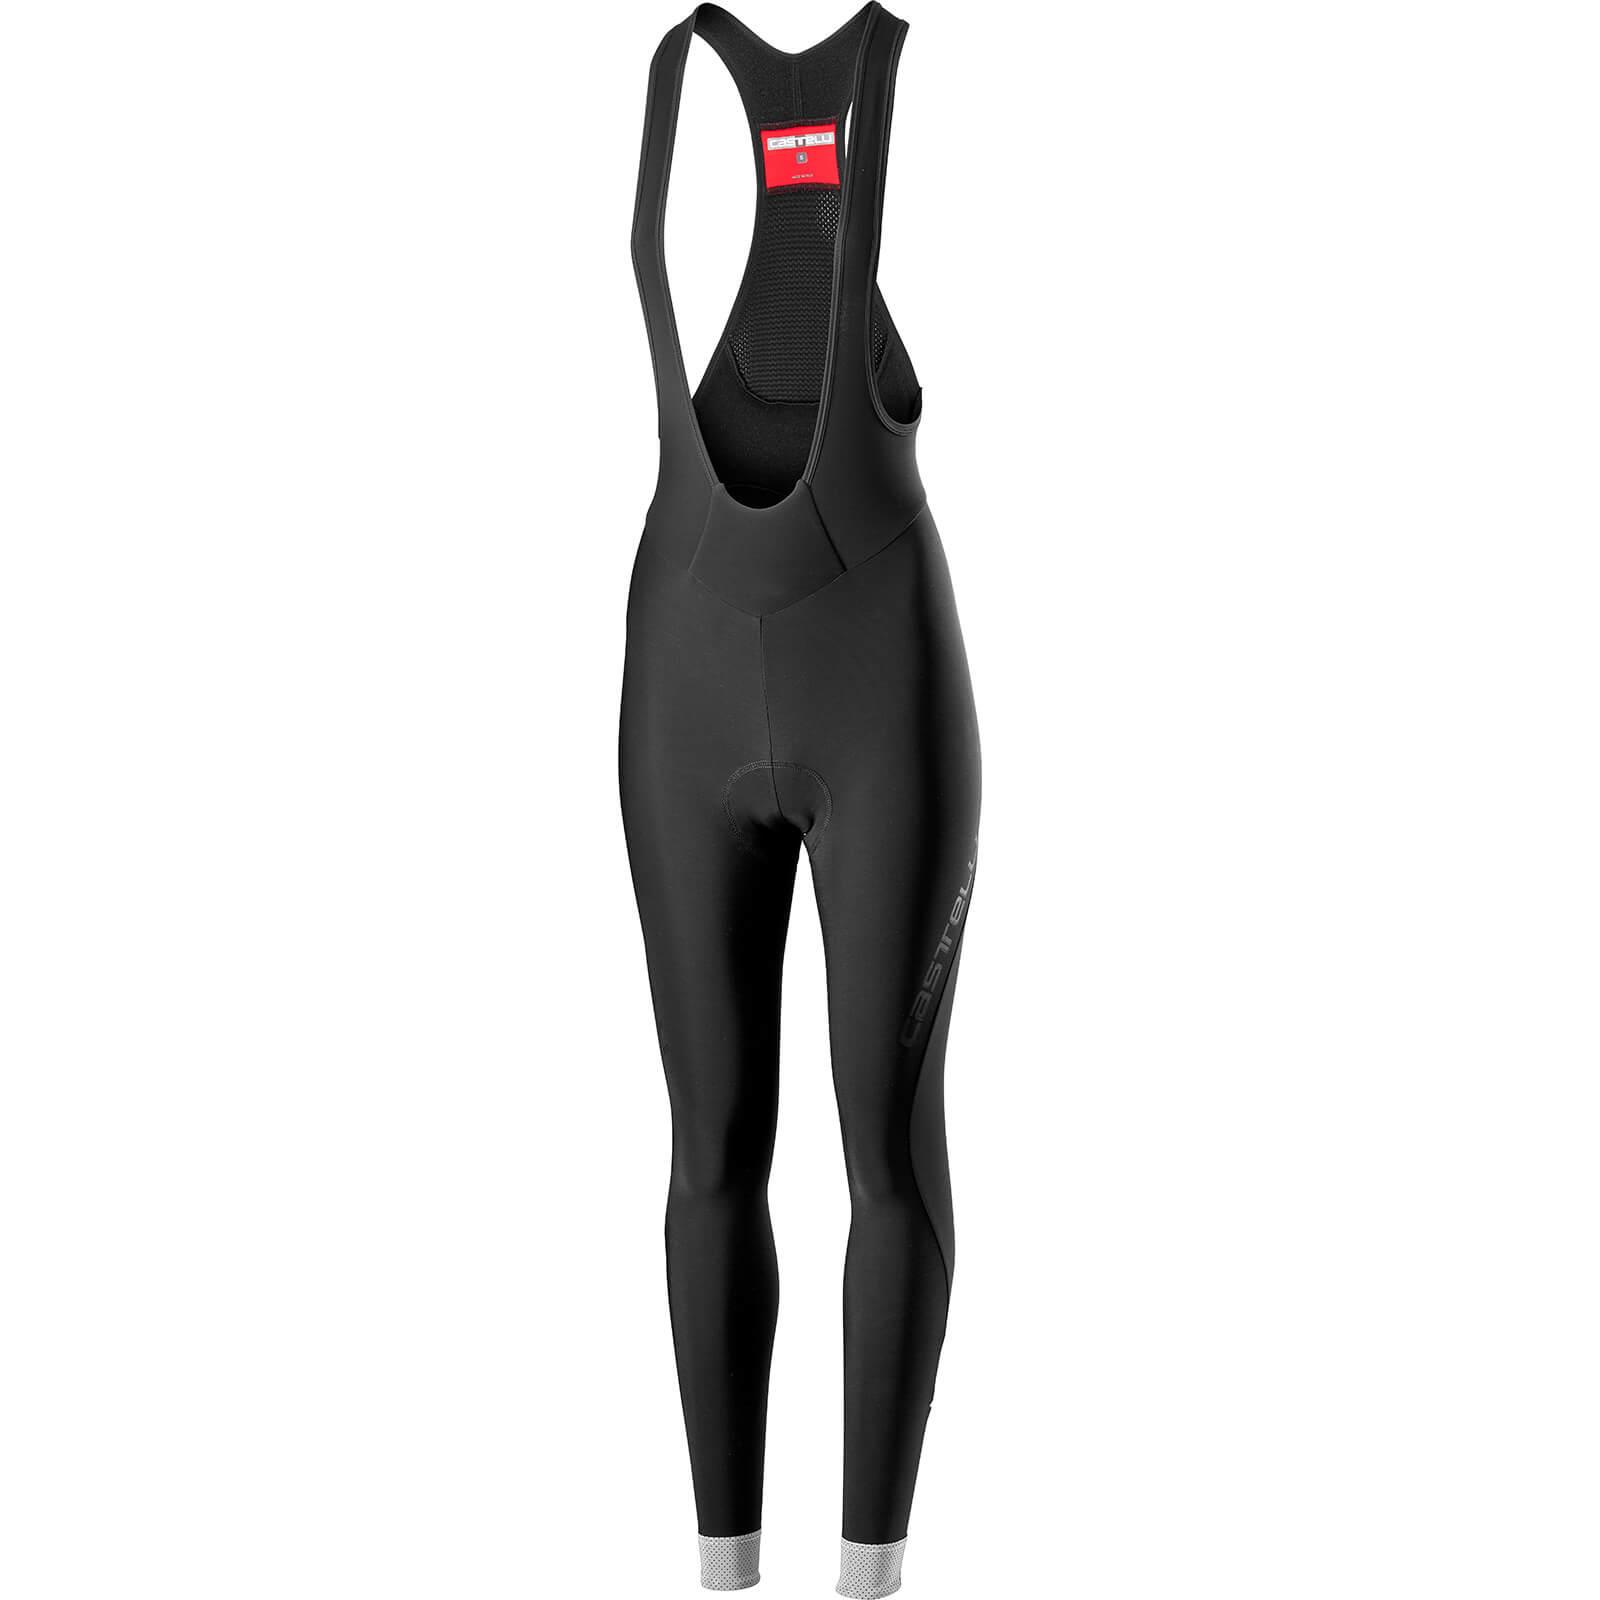 Castelli Women's Tutto Nano Bib Tights - Black